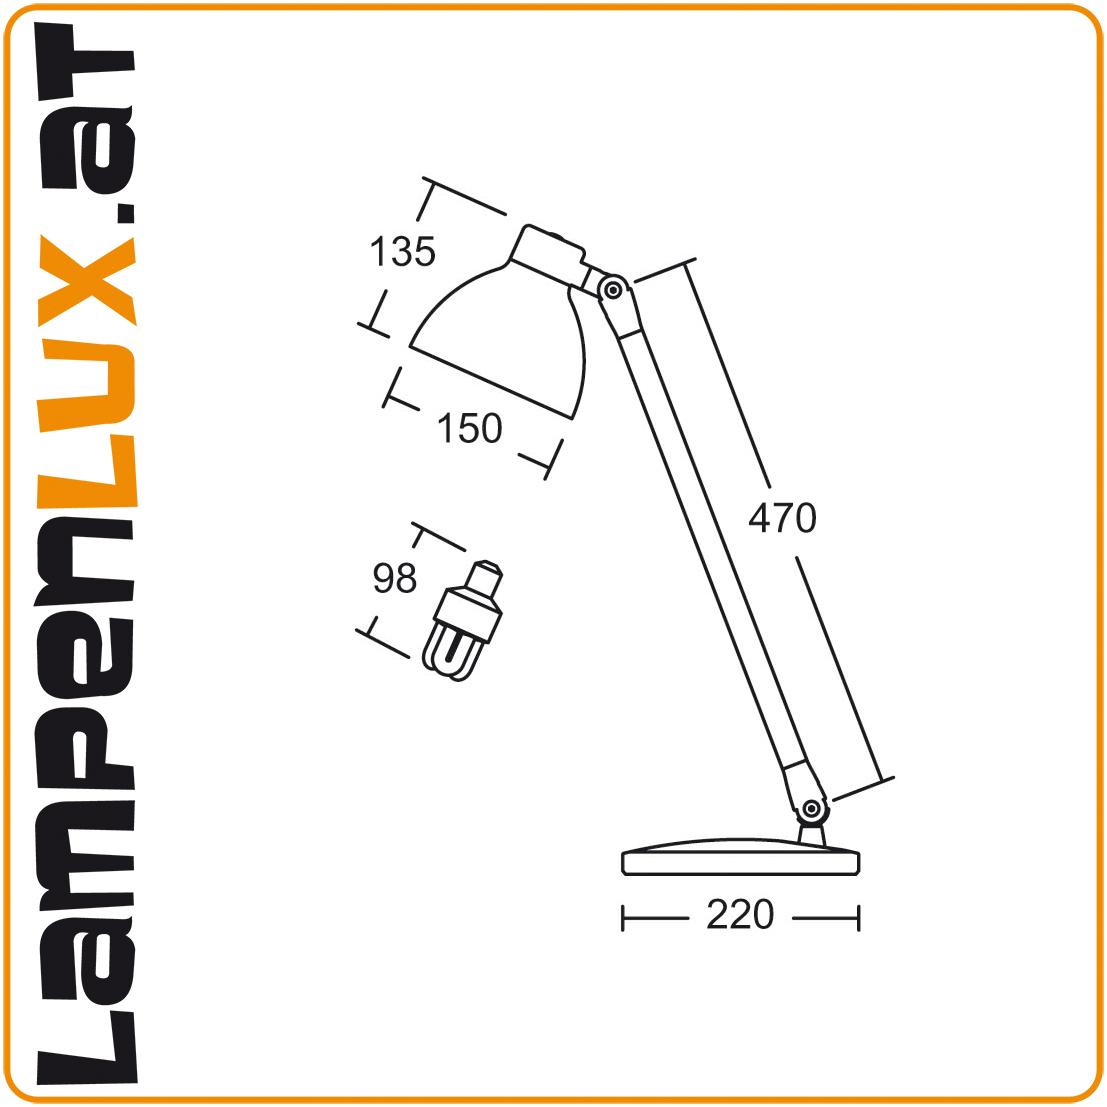 Lampenlux LED Tischlampe Pany Schreibtischlampe Bürolampe schwenkbar drehbahr Schalter